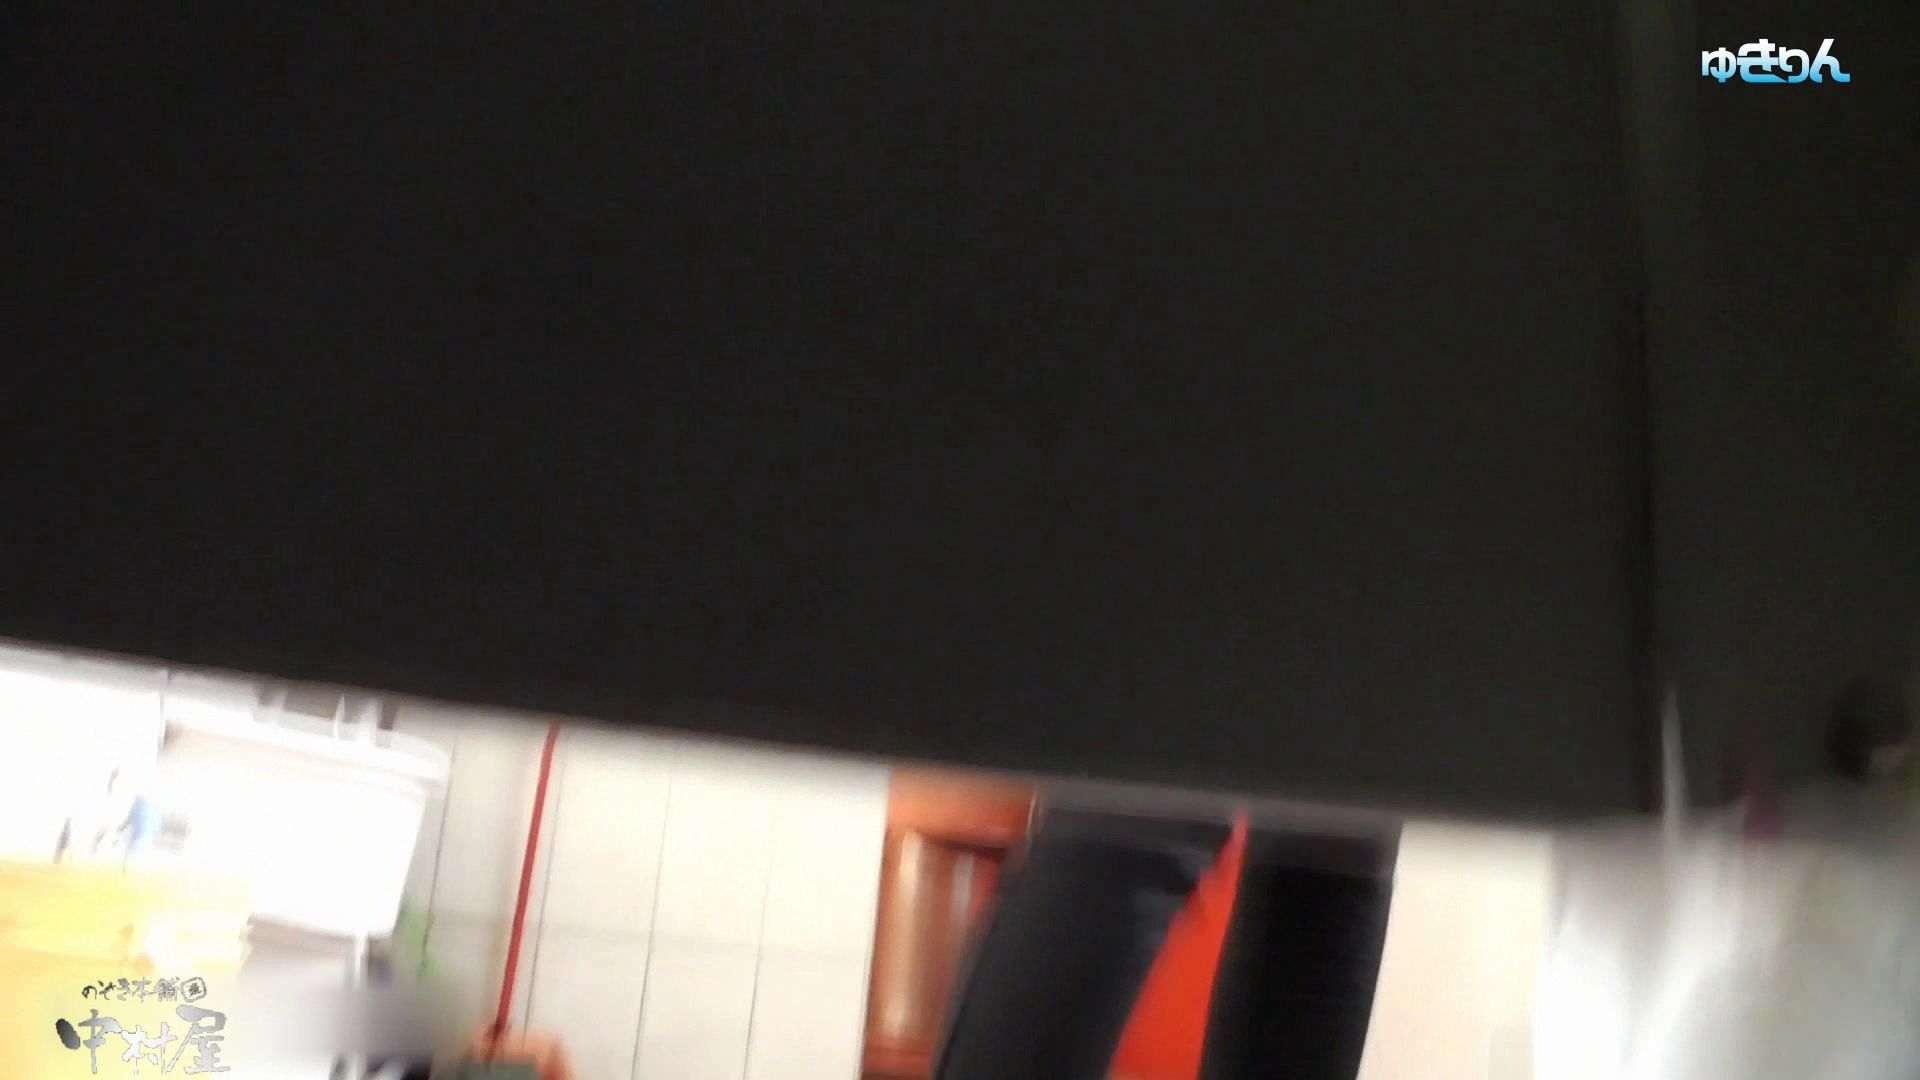 世界の射窓から~ステーション編 vol60 ユキリン粘着撮り!!今回はタイトなパンツが似合う美女 0 | 0  82pic 33